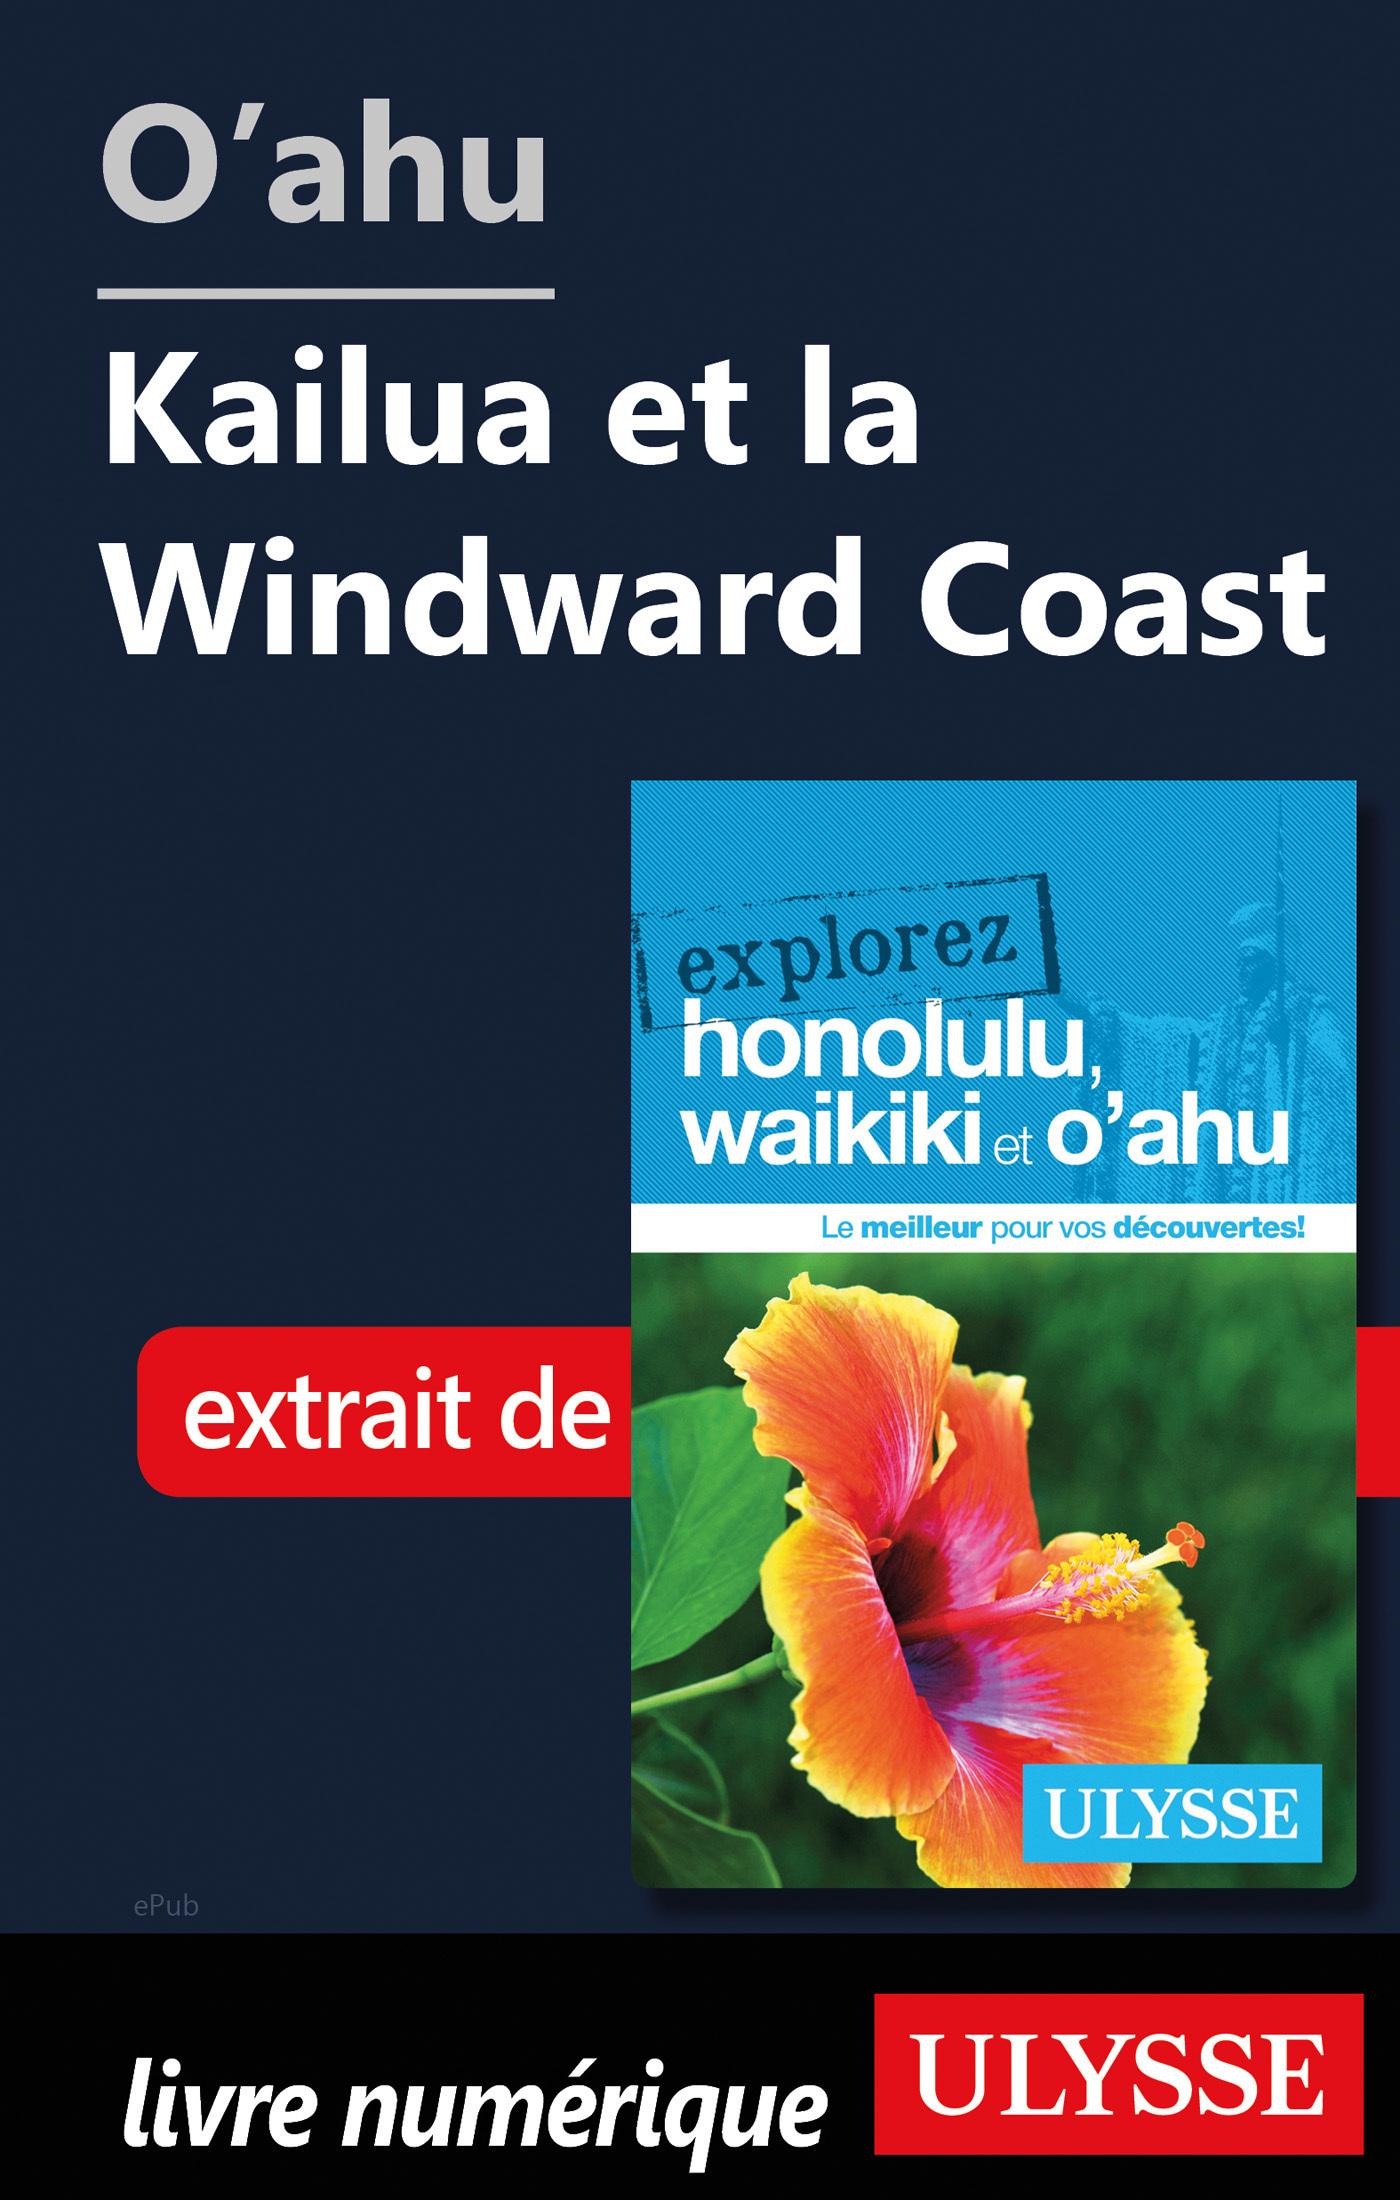 O'ahu - Kailua et la Windward Coast